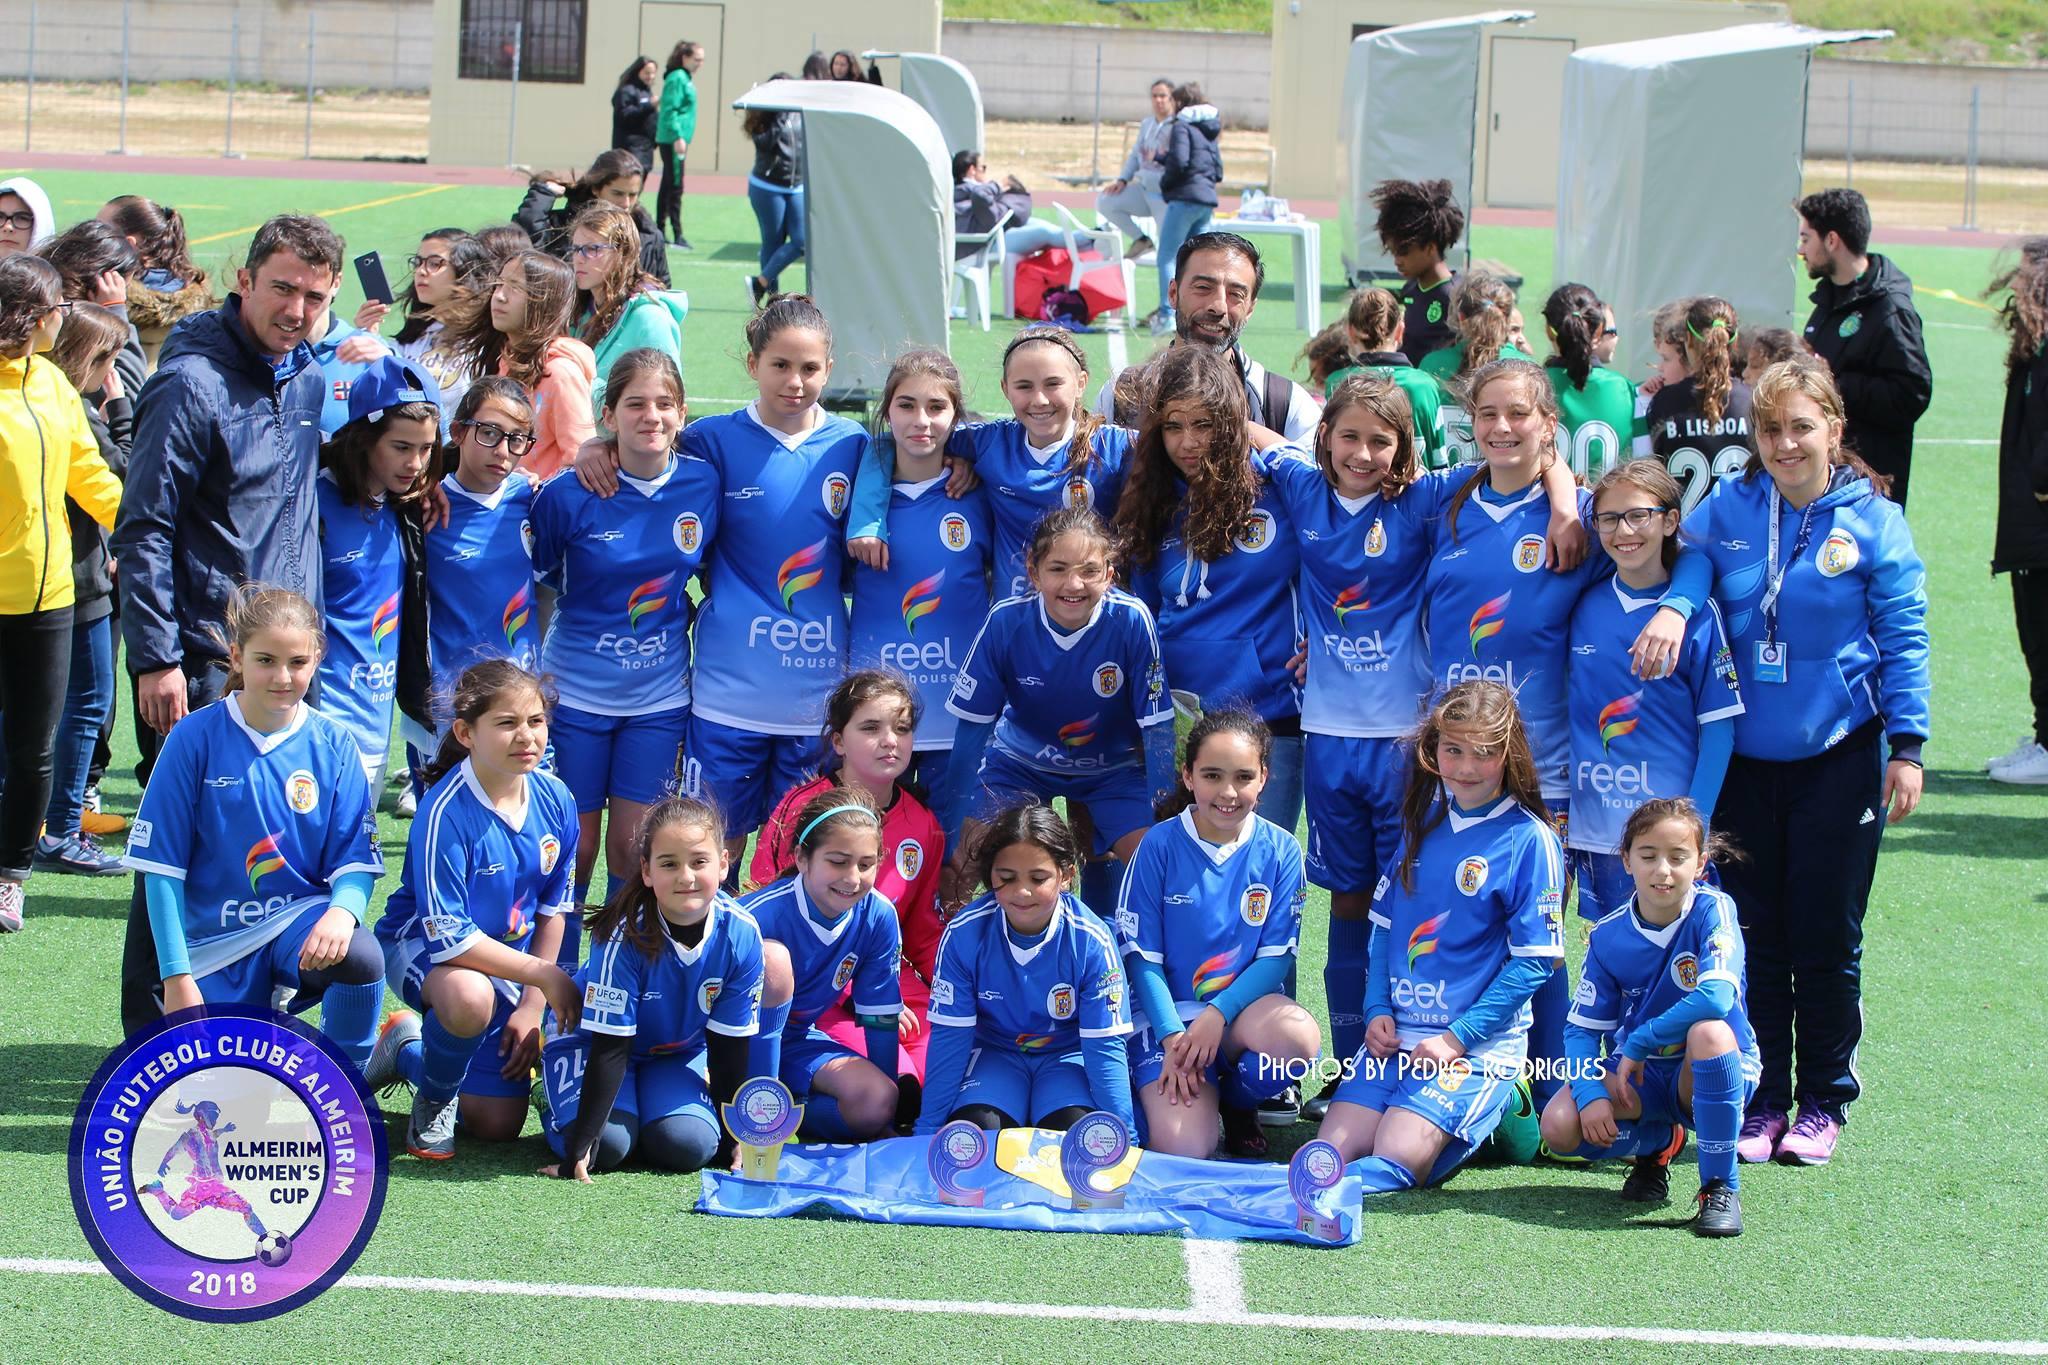 União de Almeirim dinamiza 2ª edição do 'International Almeirim Women's Cup'